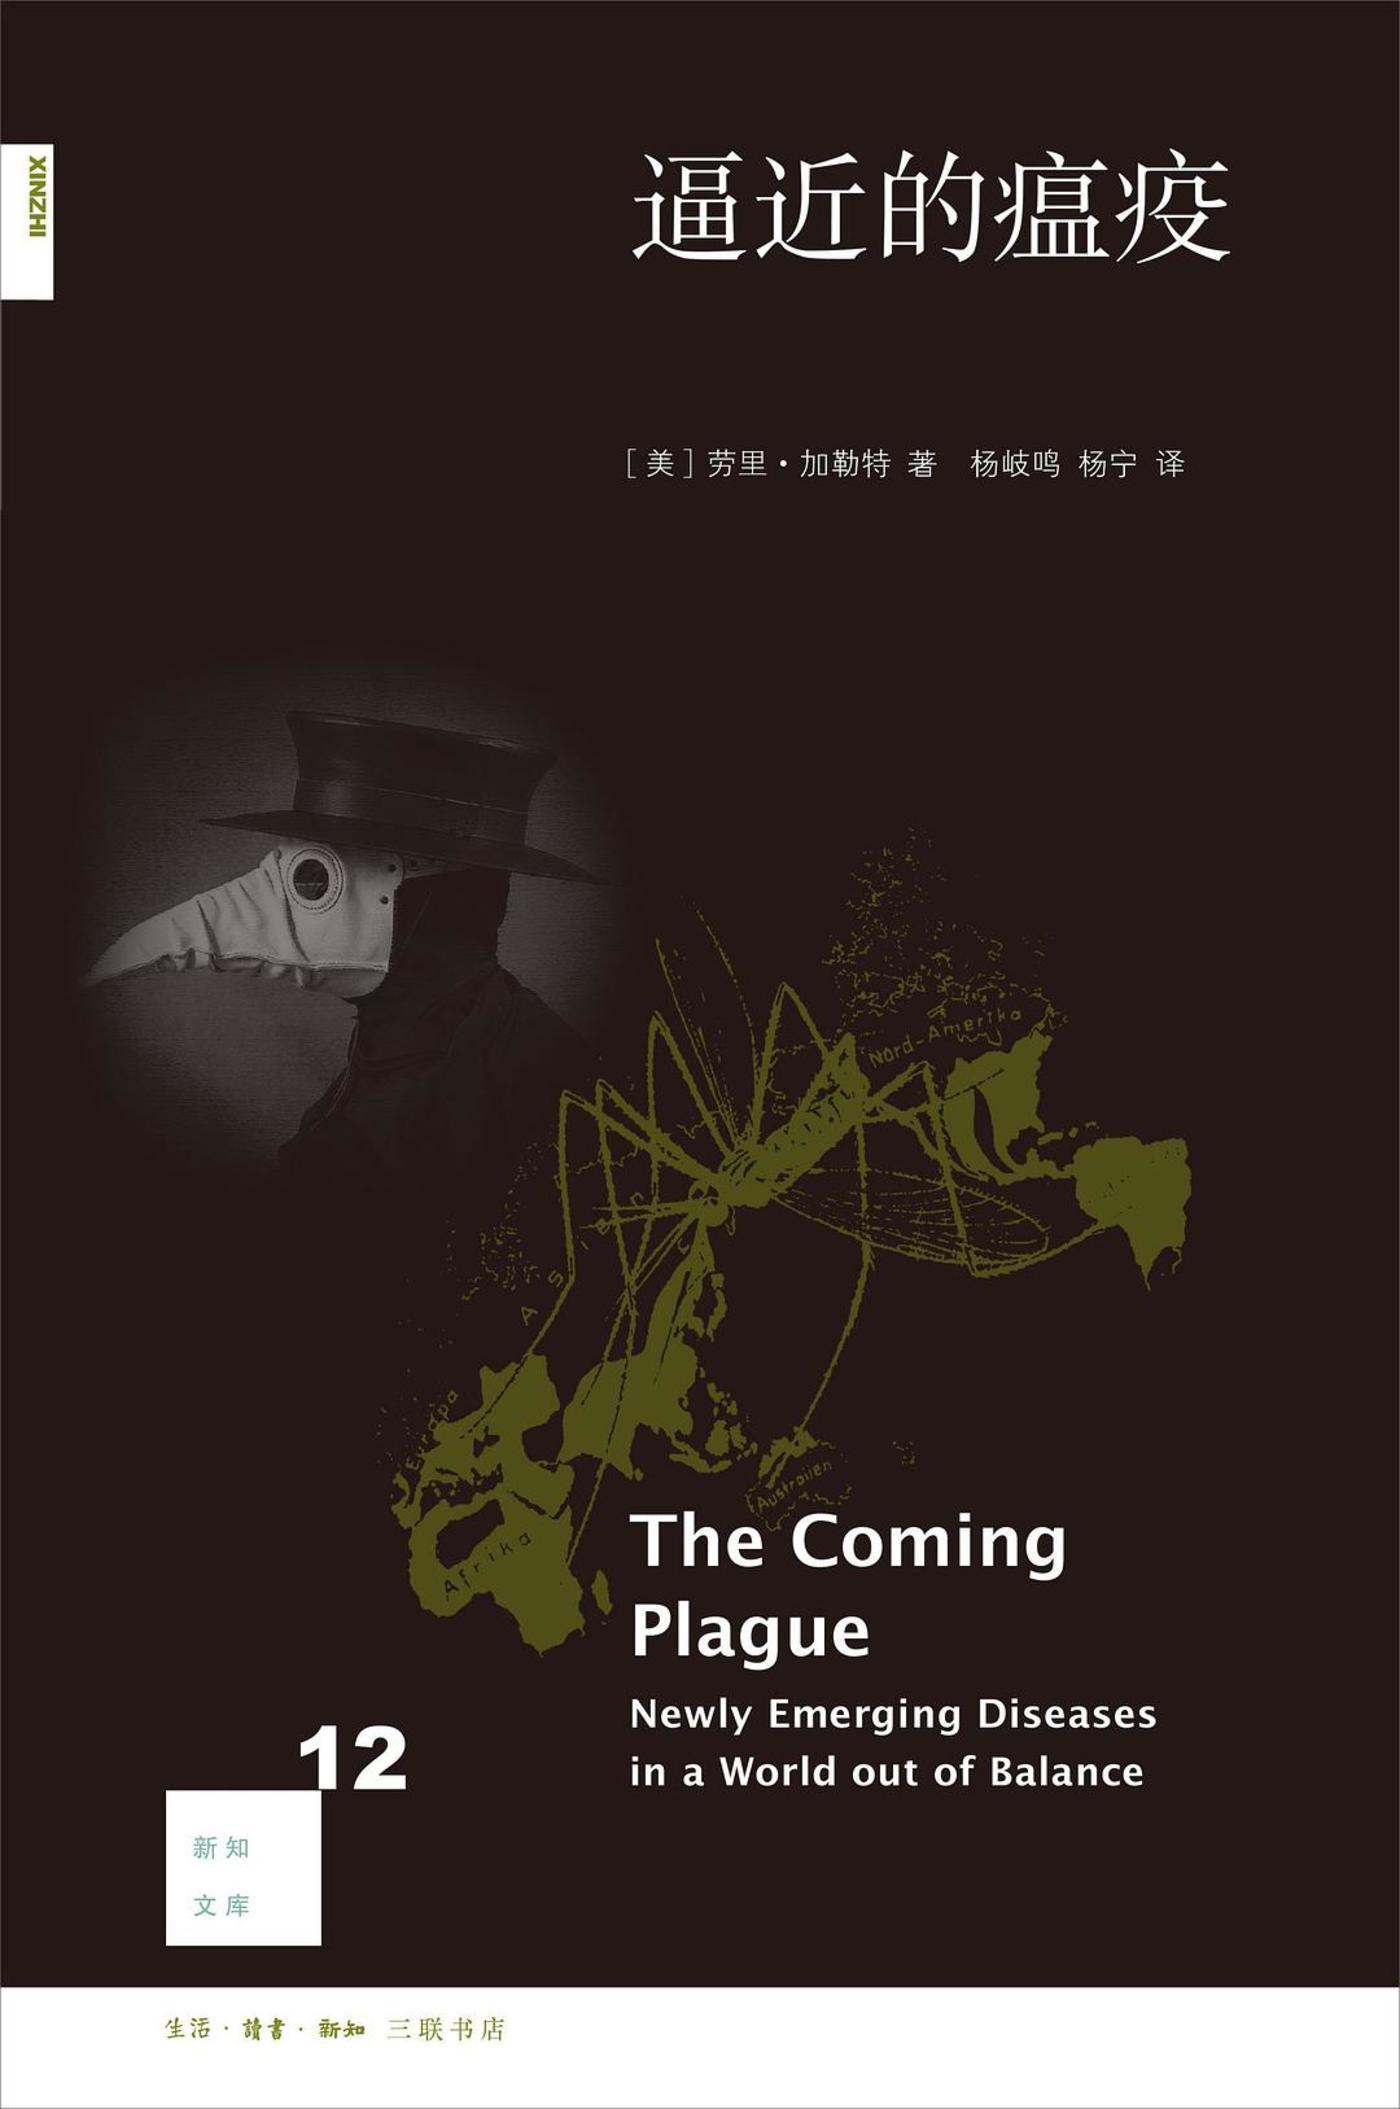 【書單】病毒、謠言與大數據:考察這場疫情的六個維度